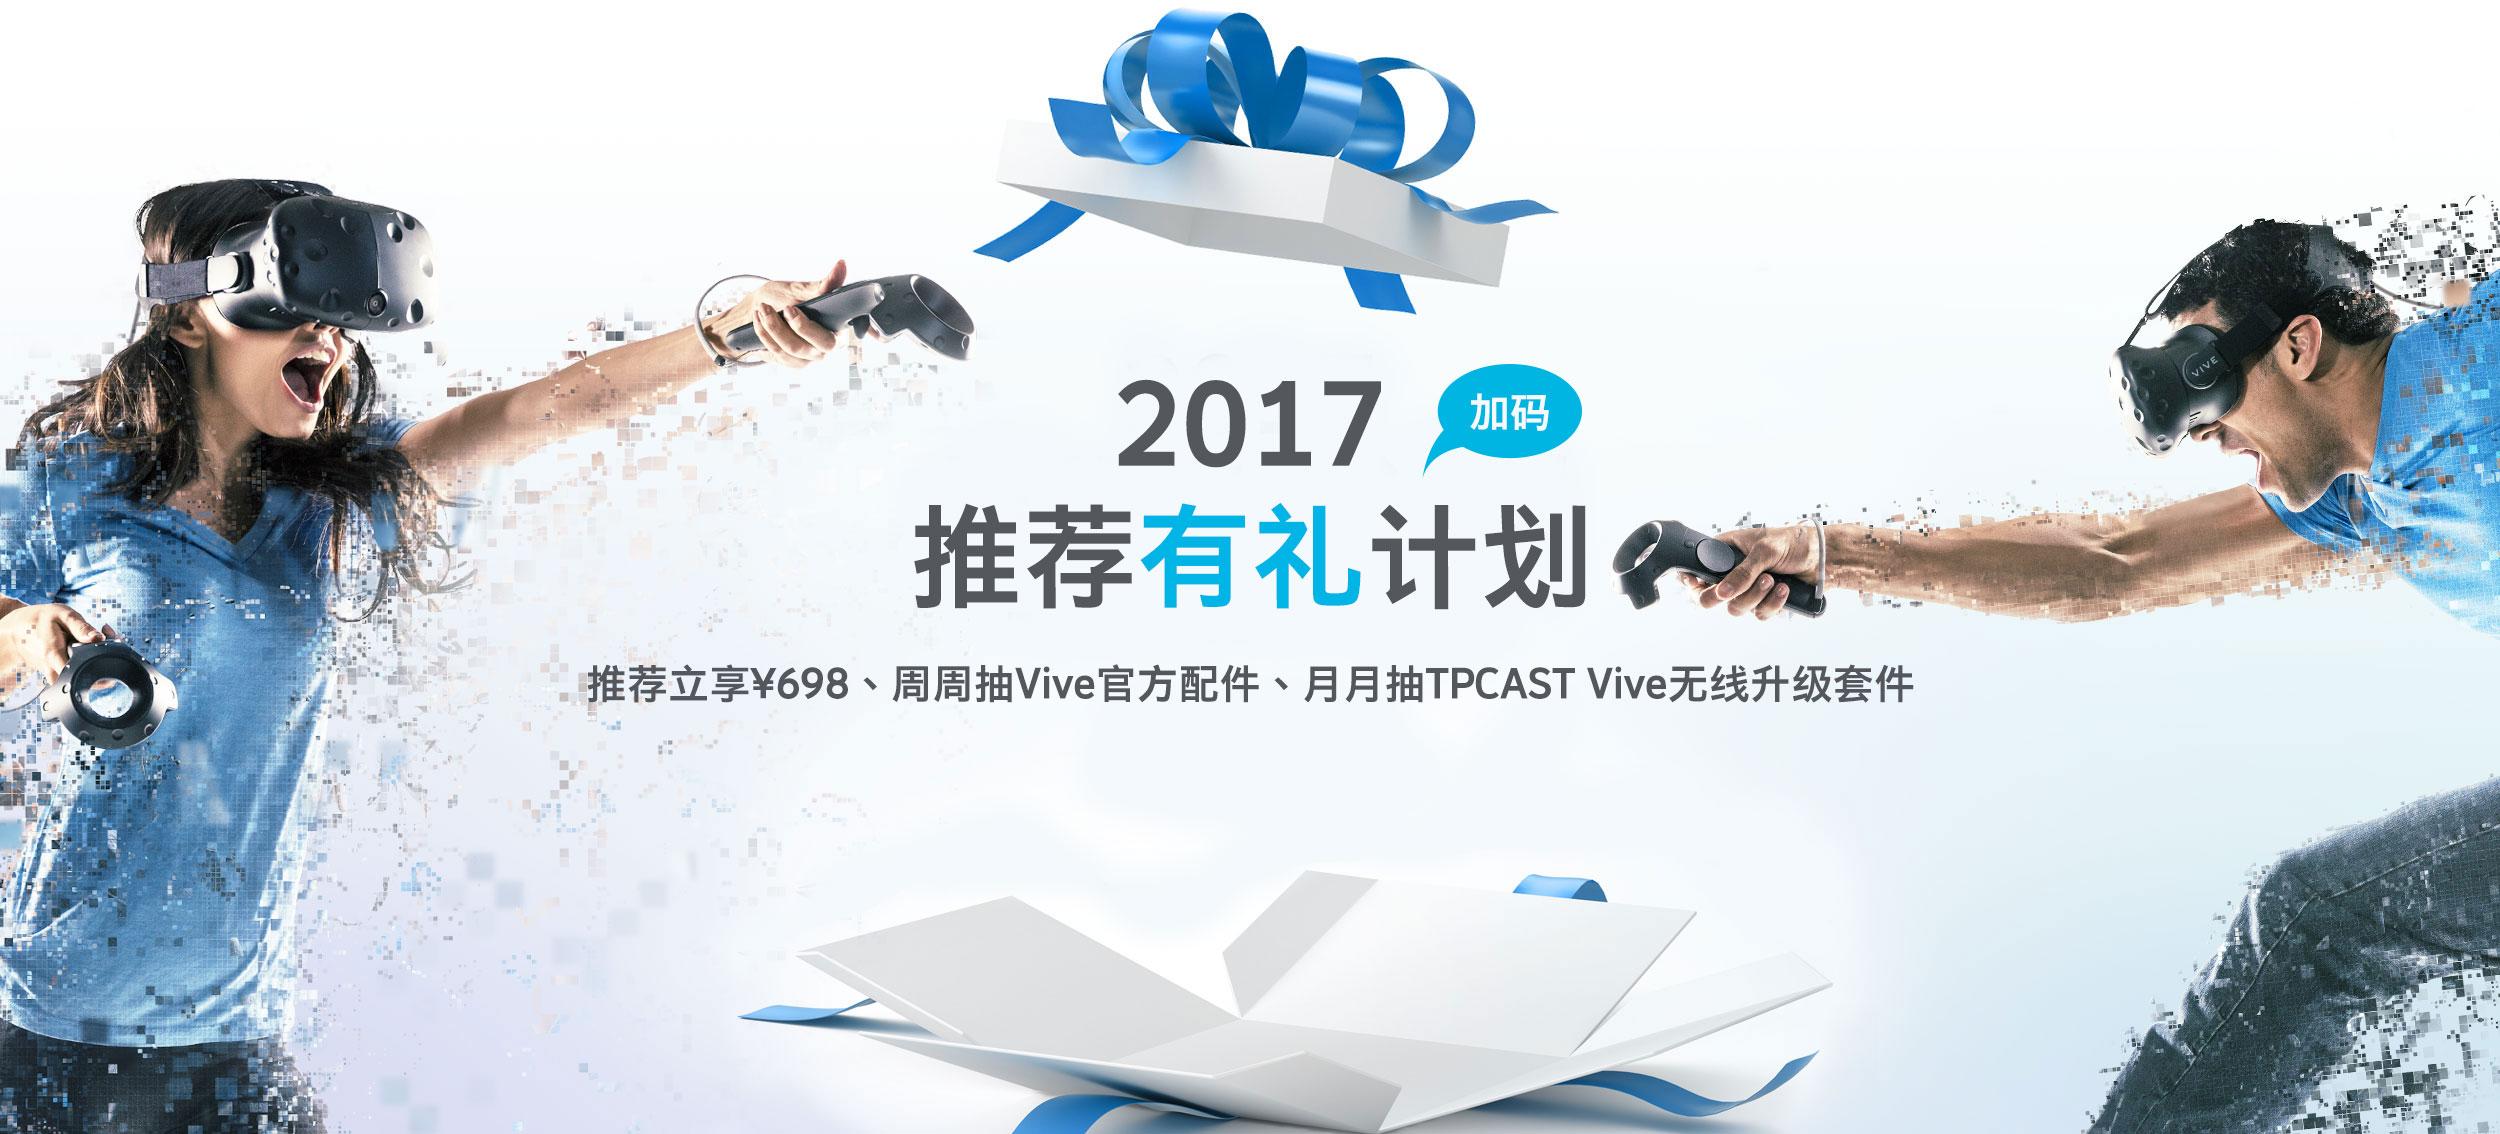 推荐有礼banner(无按钮版)-0210